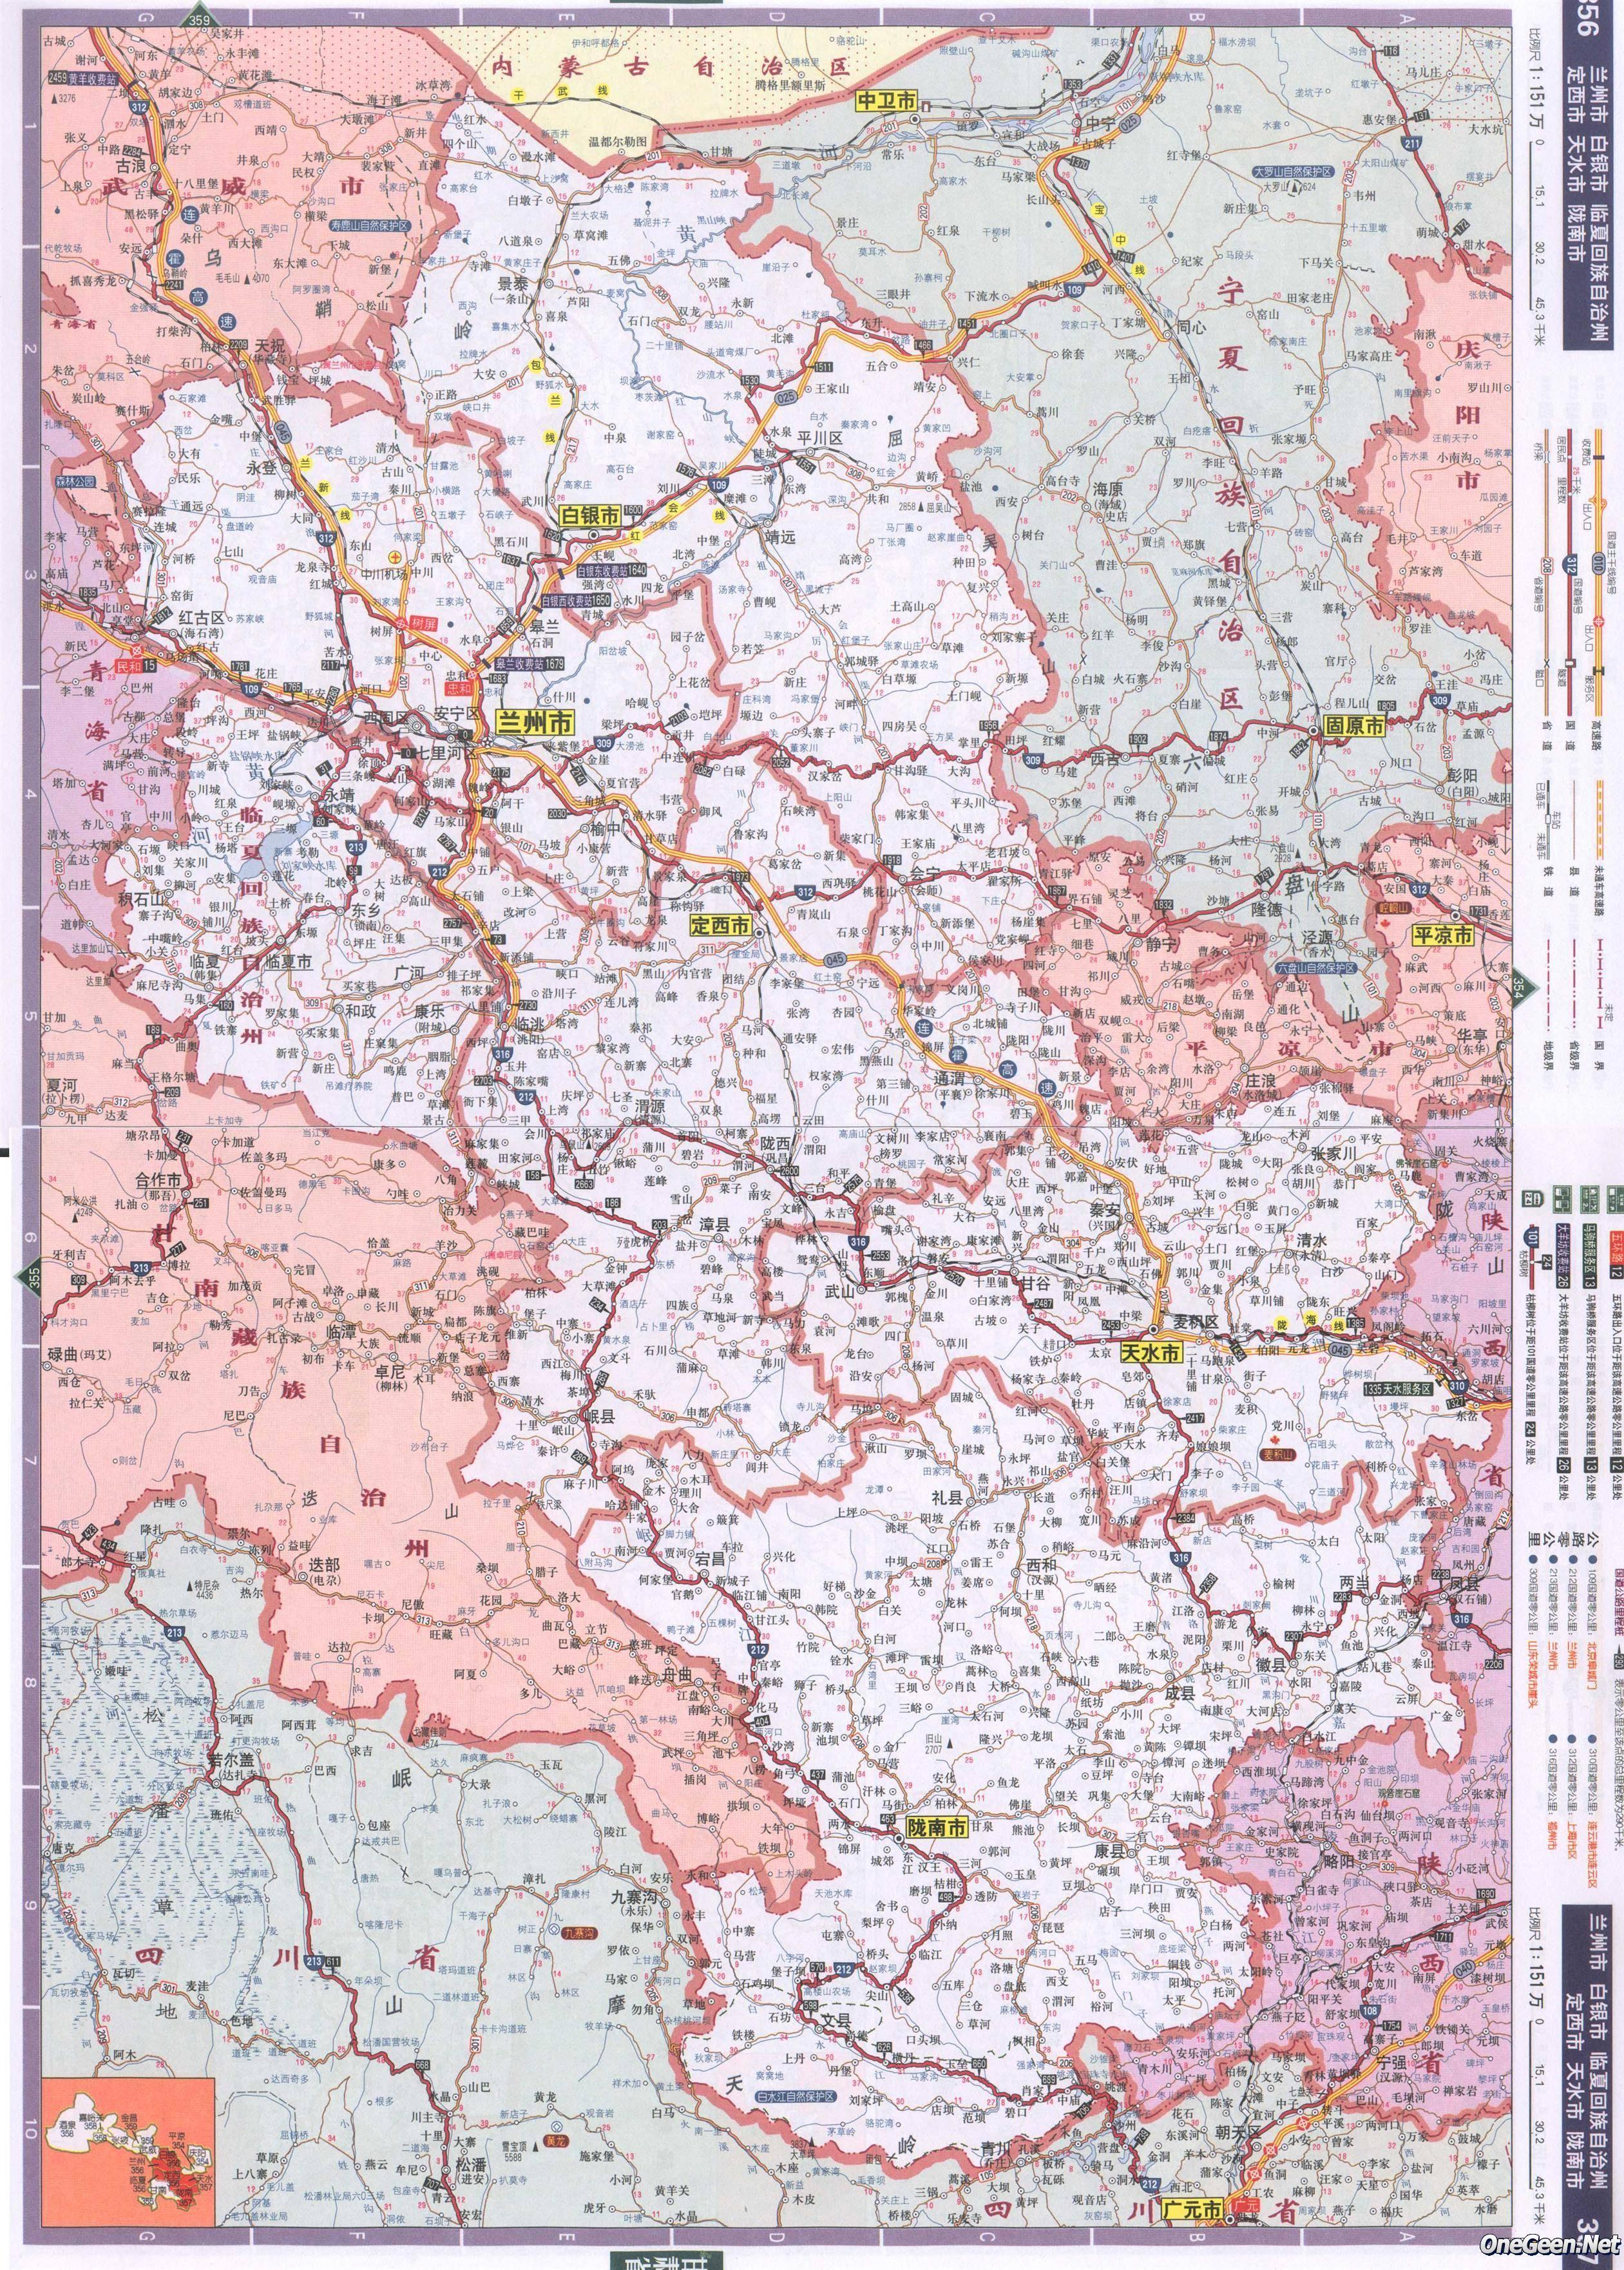 甘肃省兰州市公路交通地图